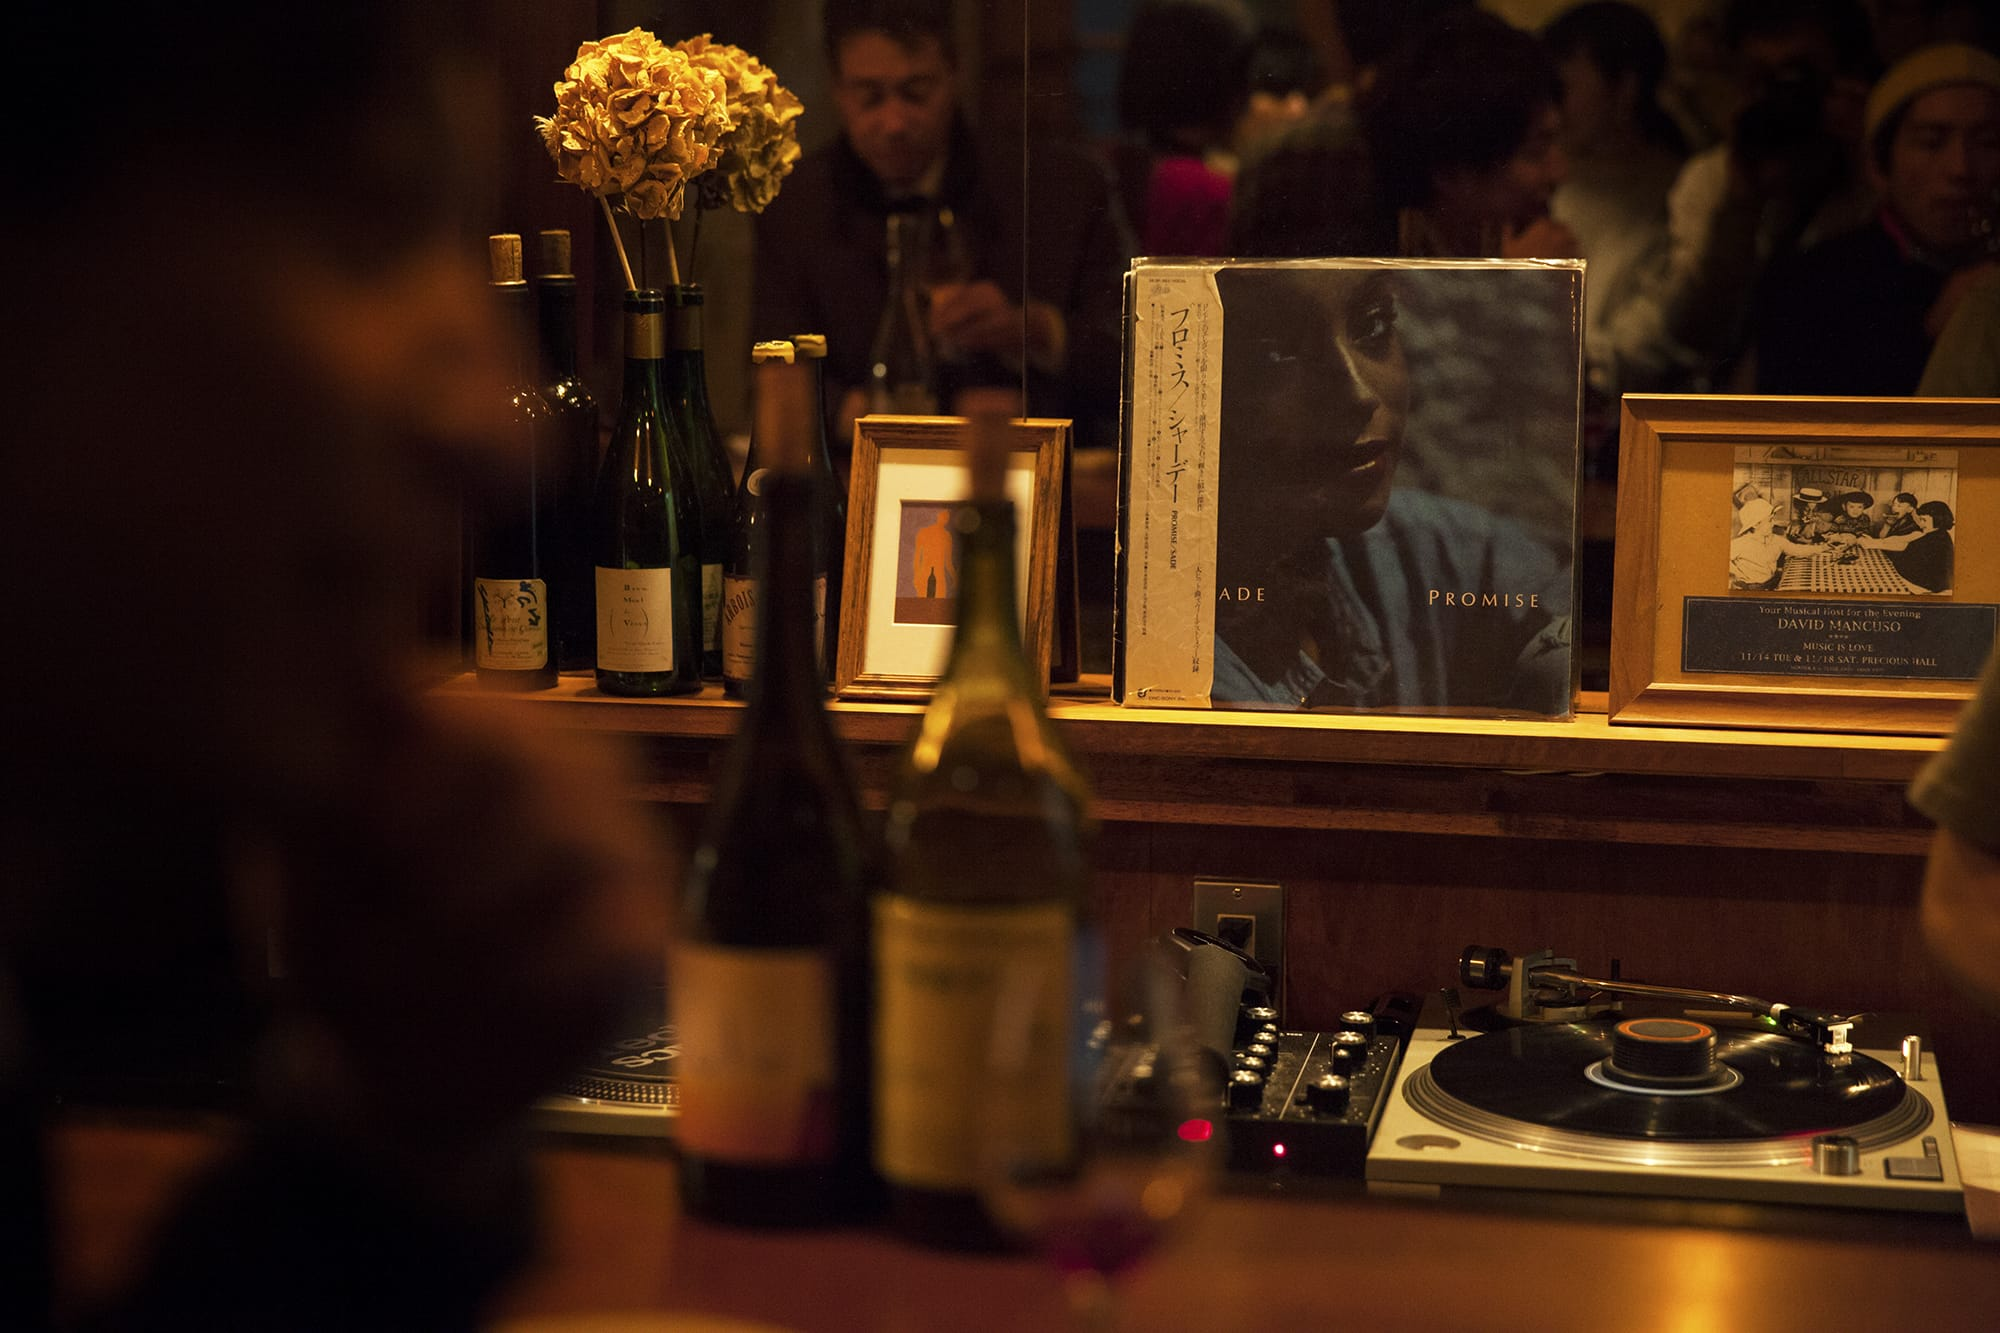 ターンテーブルは高校生のときに買ったもの、スピーカーはダンスミュージックを聴かせてくれた富山のレコードショップにあったのと同じJBLの「4312 mkⅡ」。池崎さんは、接客しながら一枚一枚レコードをかけている。